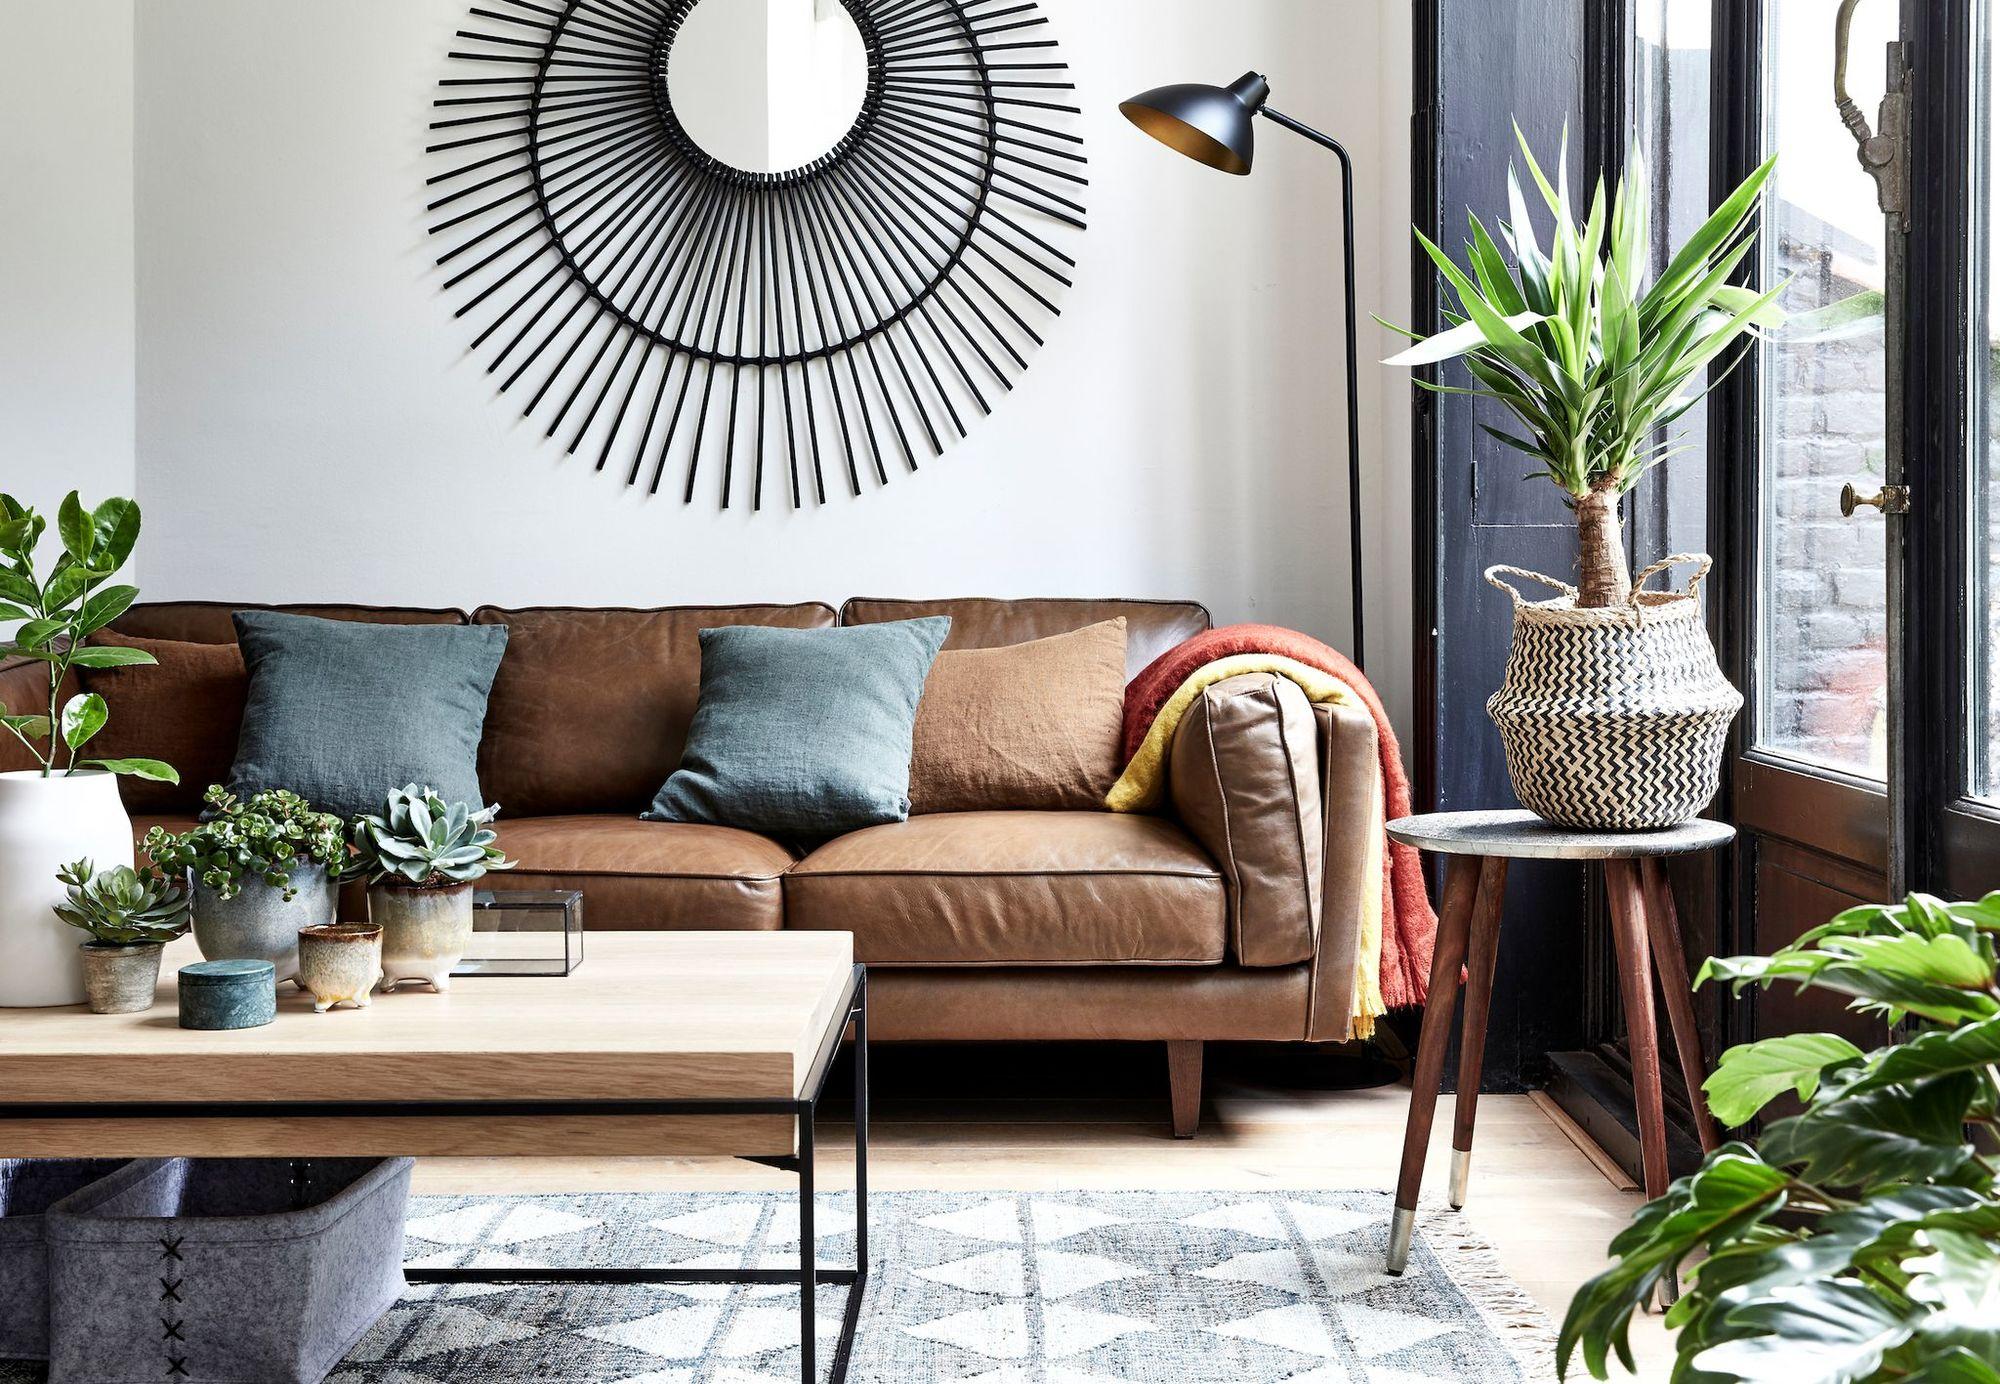 Couleur Tendance Pour Interieur Maison les couleurs tendances de 2020 pour votre intérieur